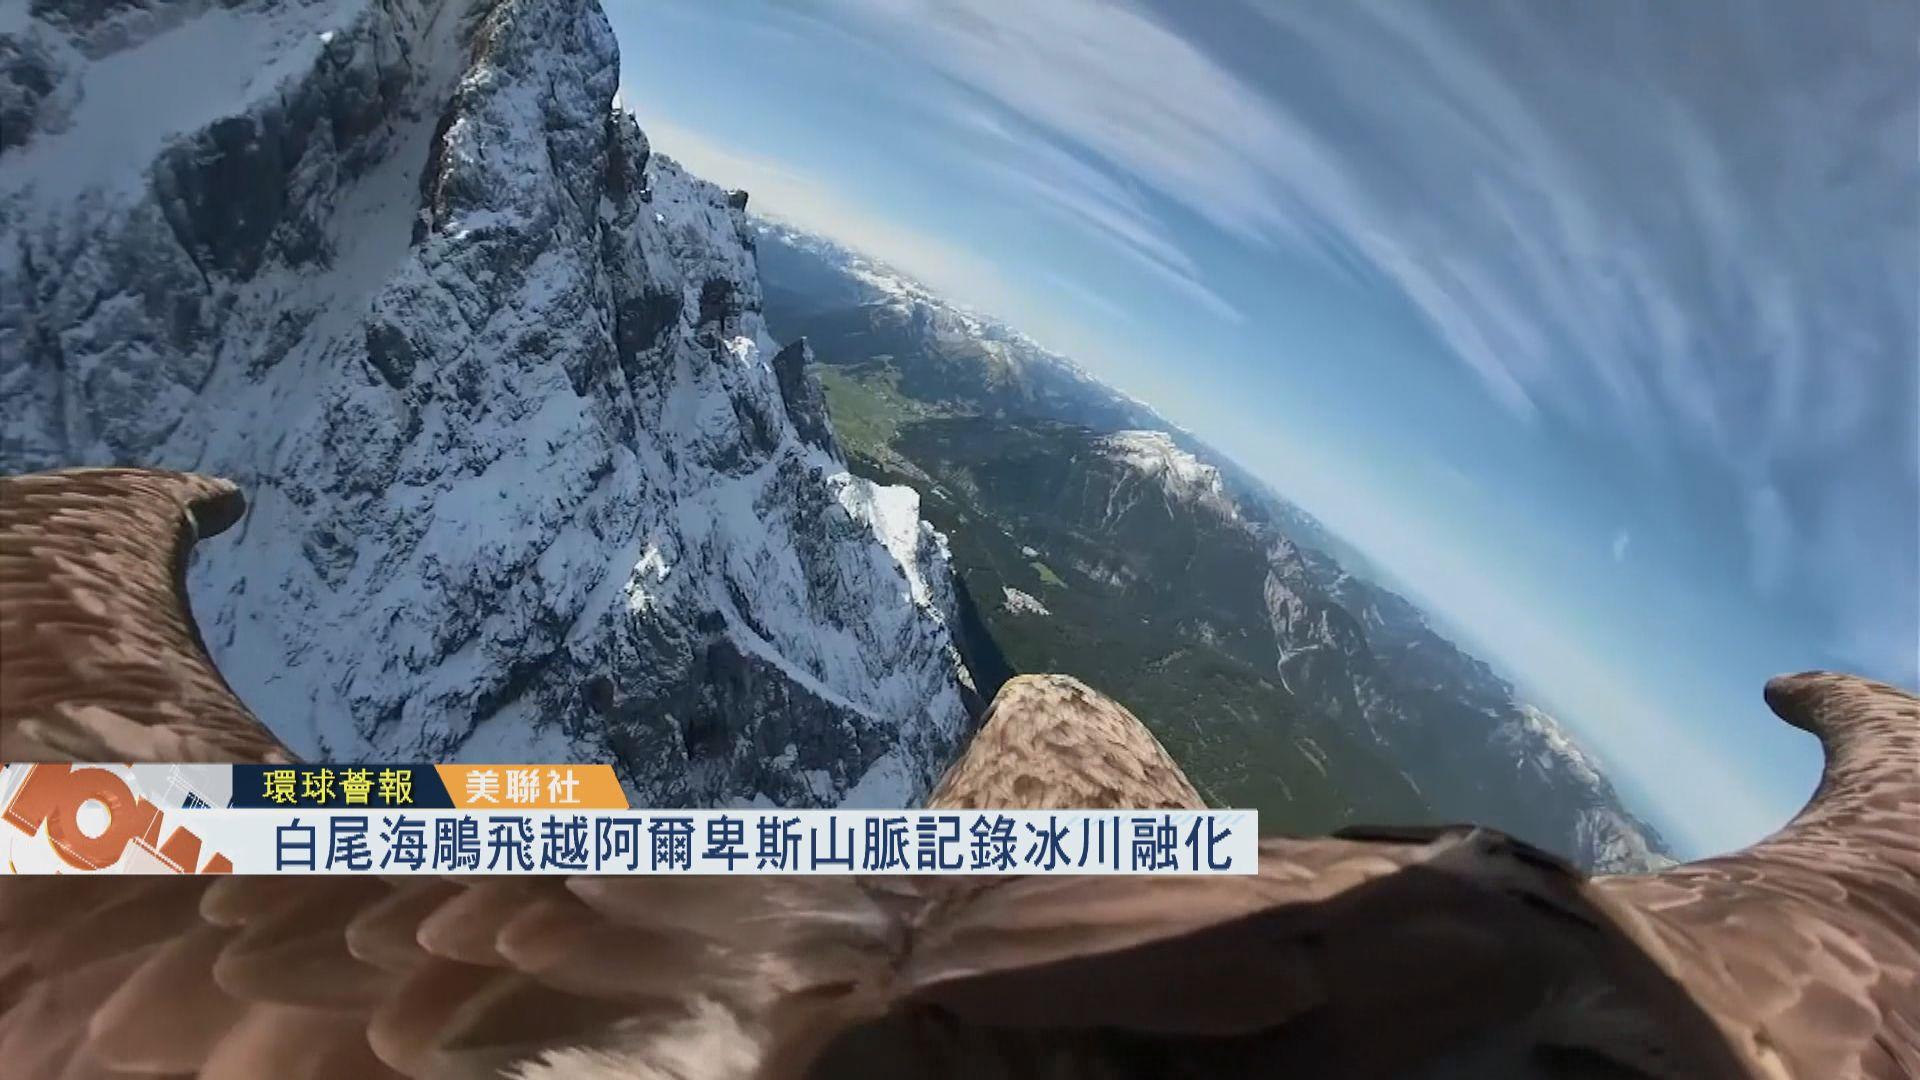 【環球薈報】白尾海鵰飛越阿爾卑斯山脈記錄冰川融化